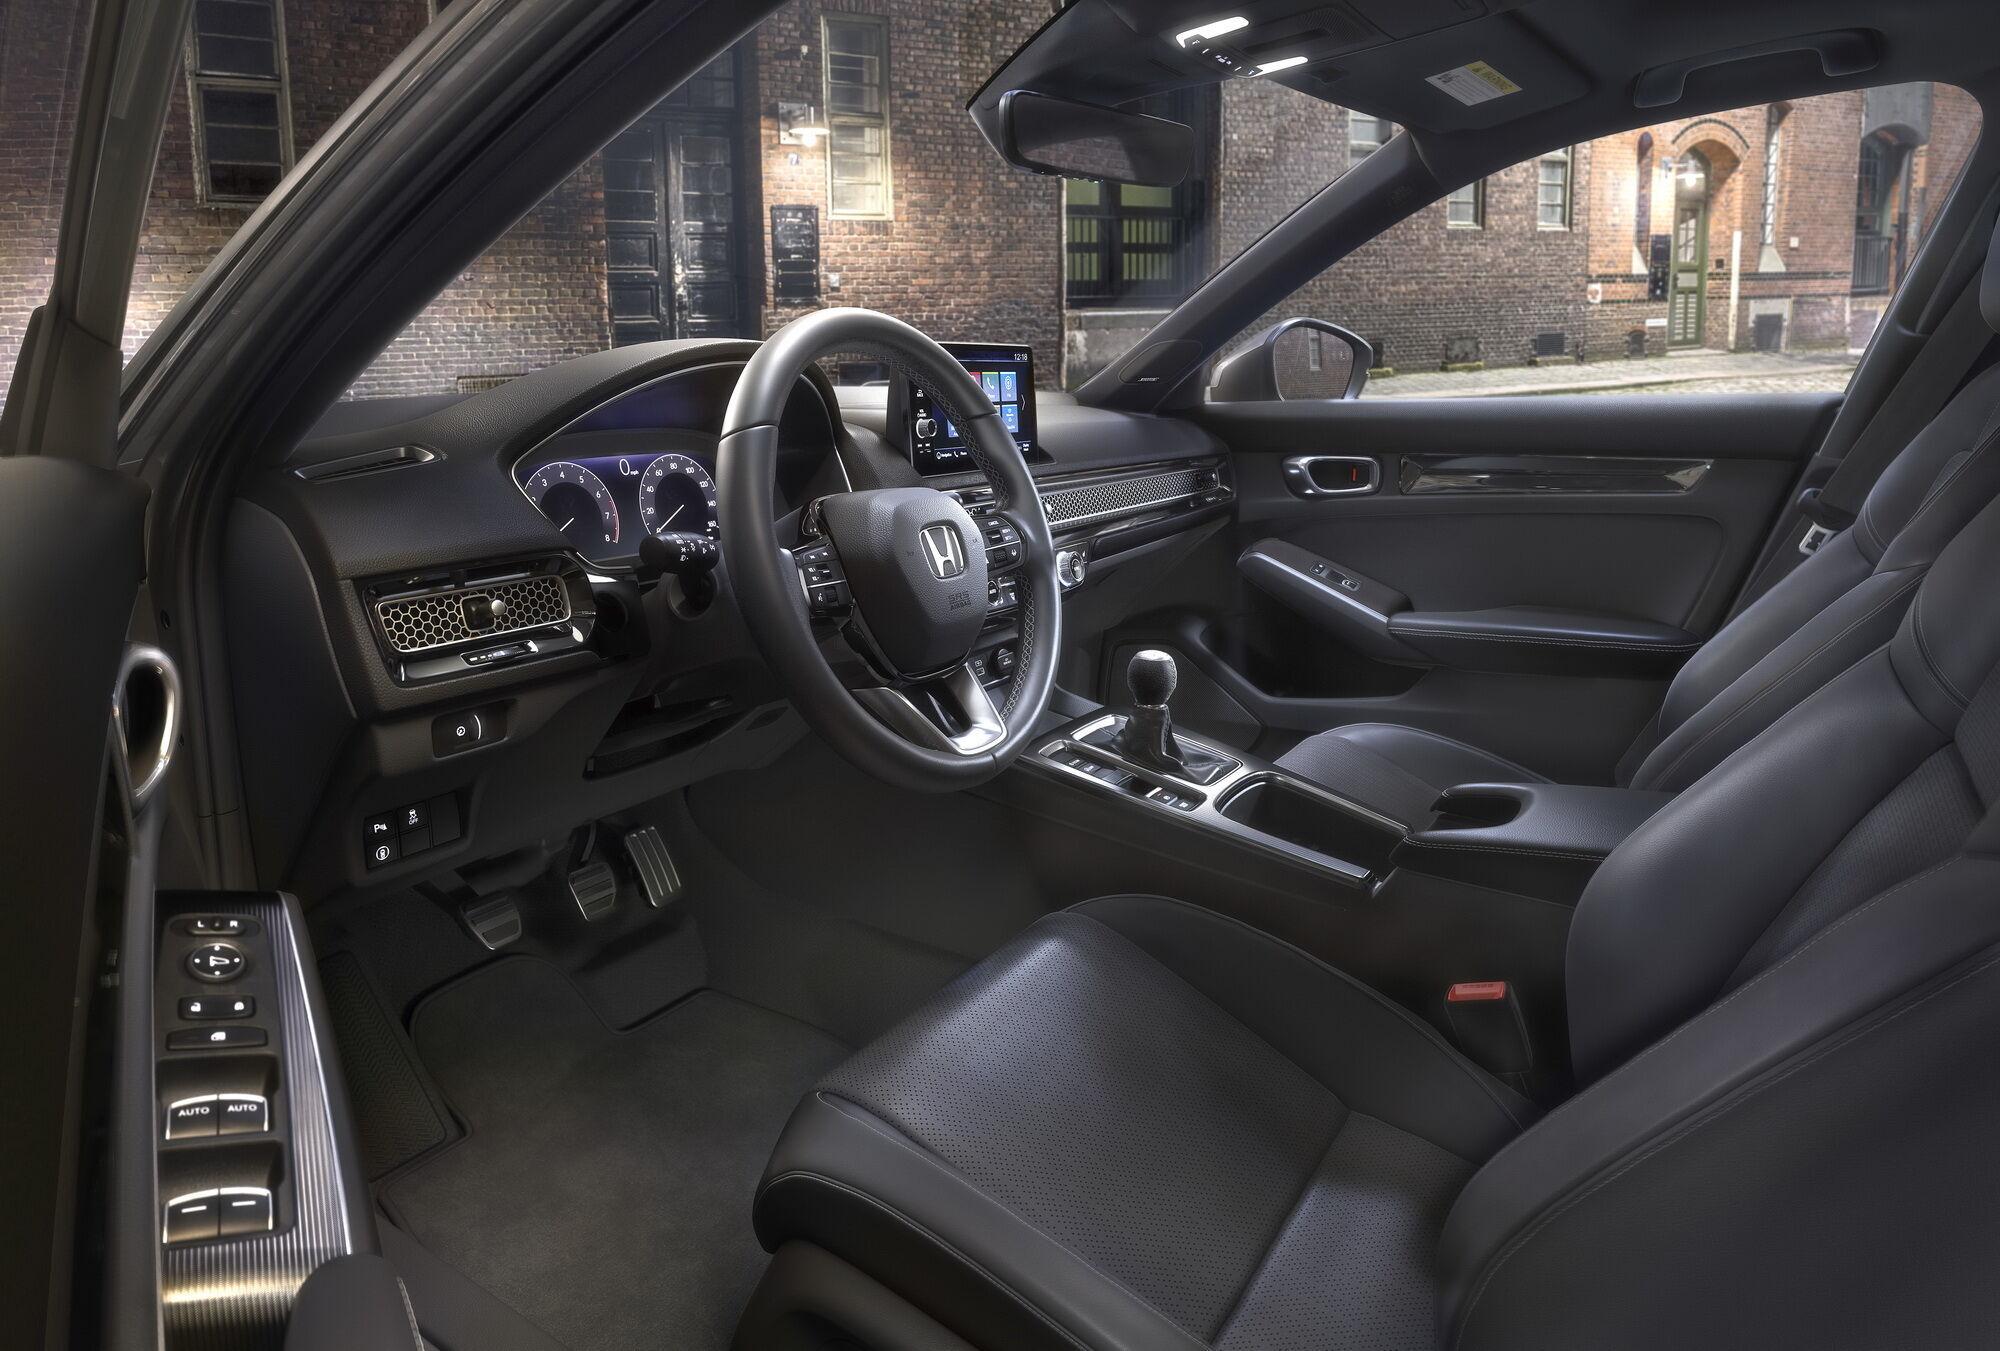 За оформленням інтер'єру і оснащення Civic Hatchback ідентичний седану